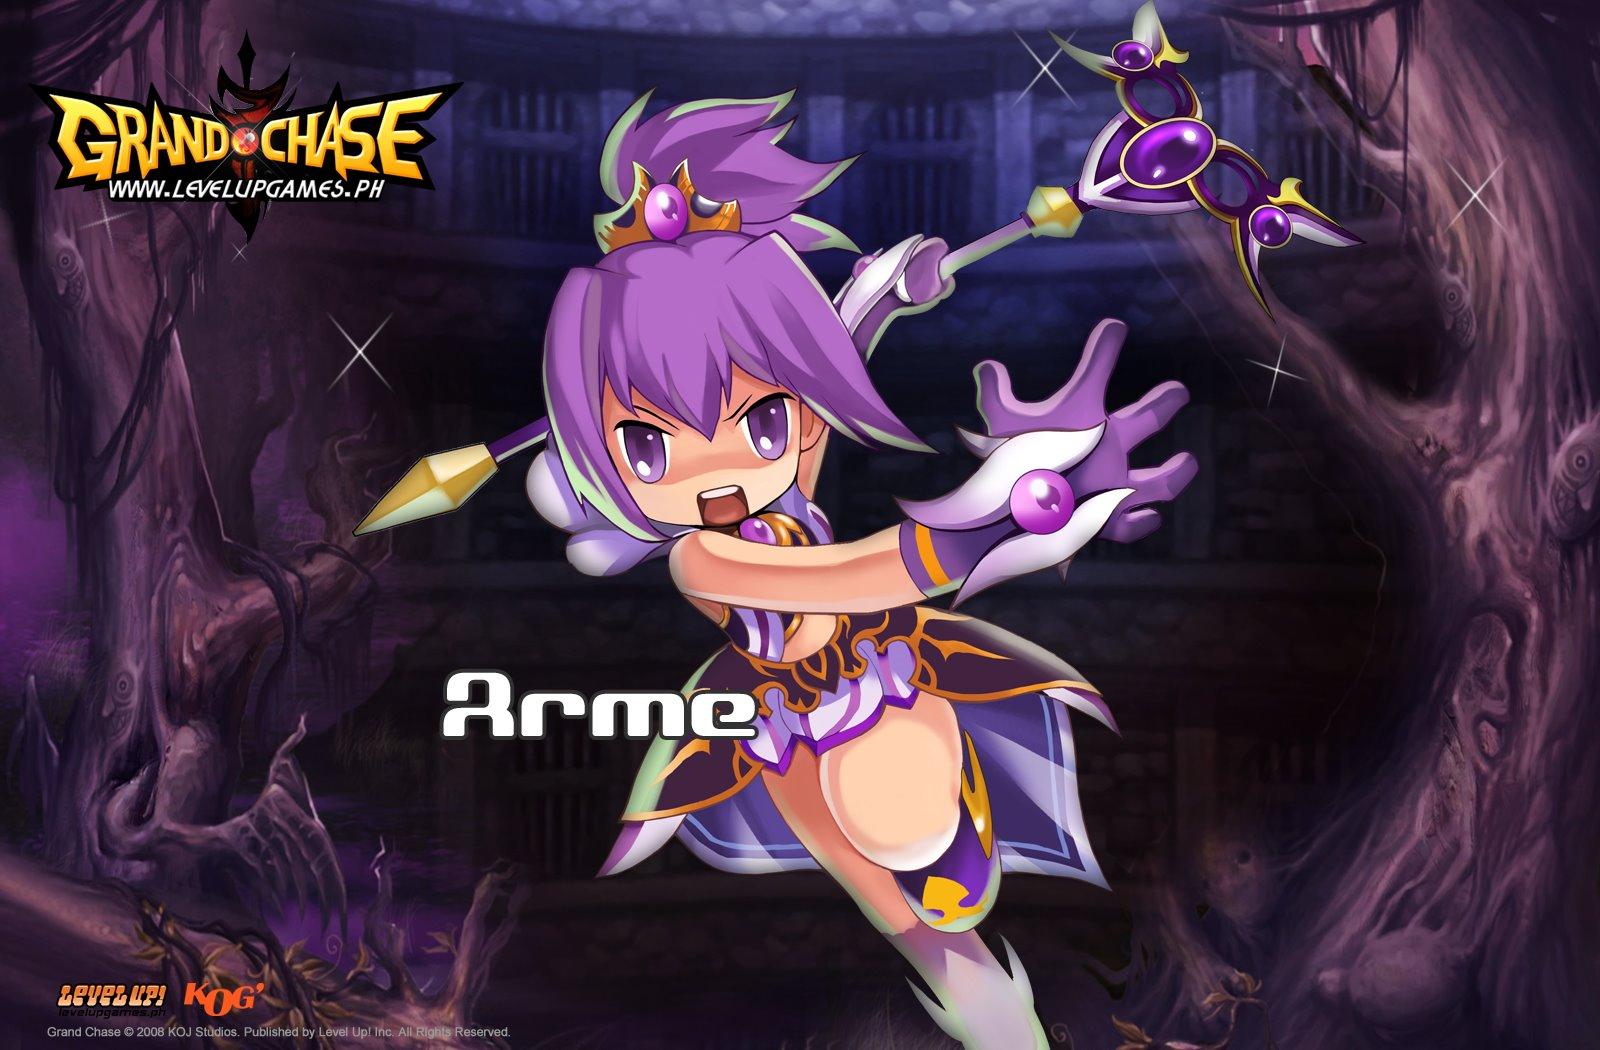 http://2.bp.blogspot.com/_E86rzq3K1c0/TNfkU6ATdEI/AAAAAAAAADo/K_bl-V64MRc/s1600/Grand+Chase+Arme+Wallpaper+Downloads+1600.jpg